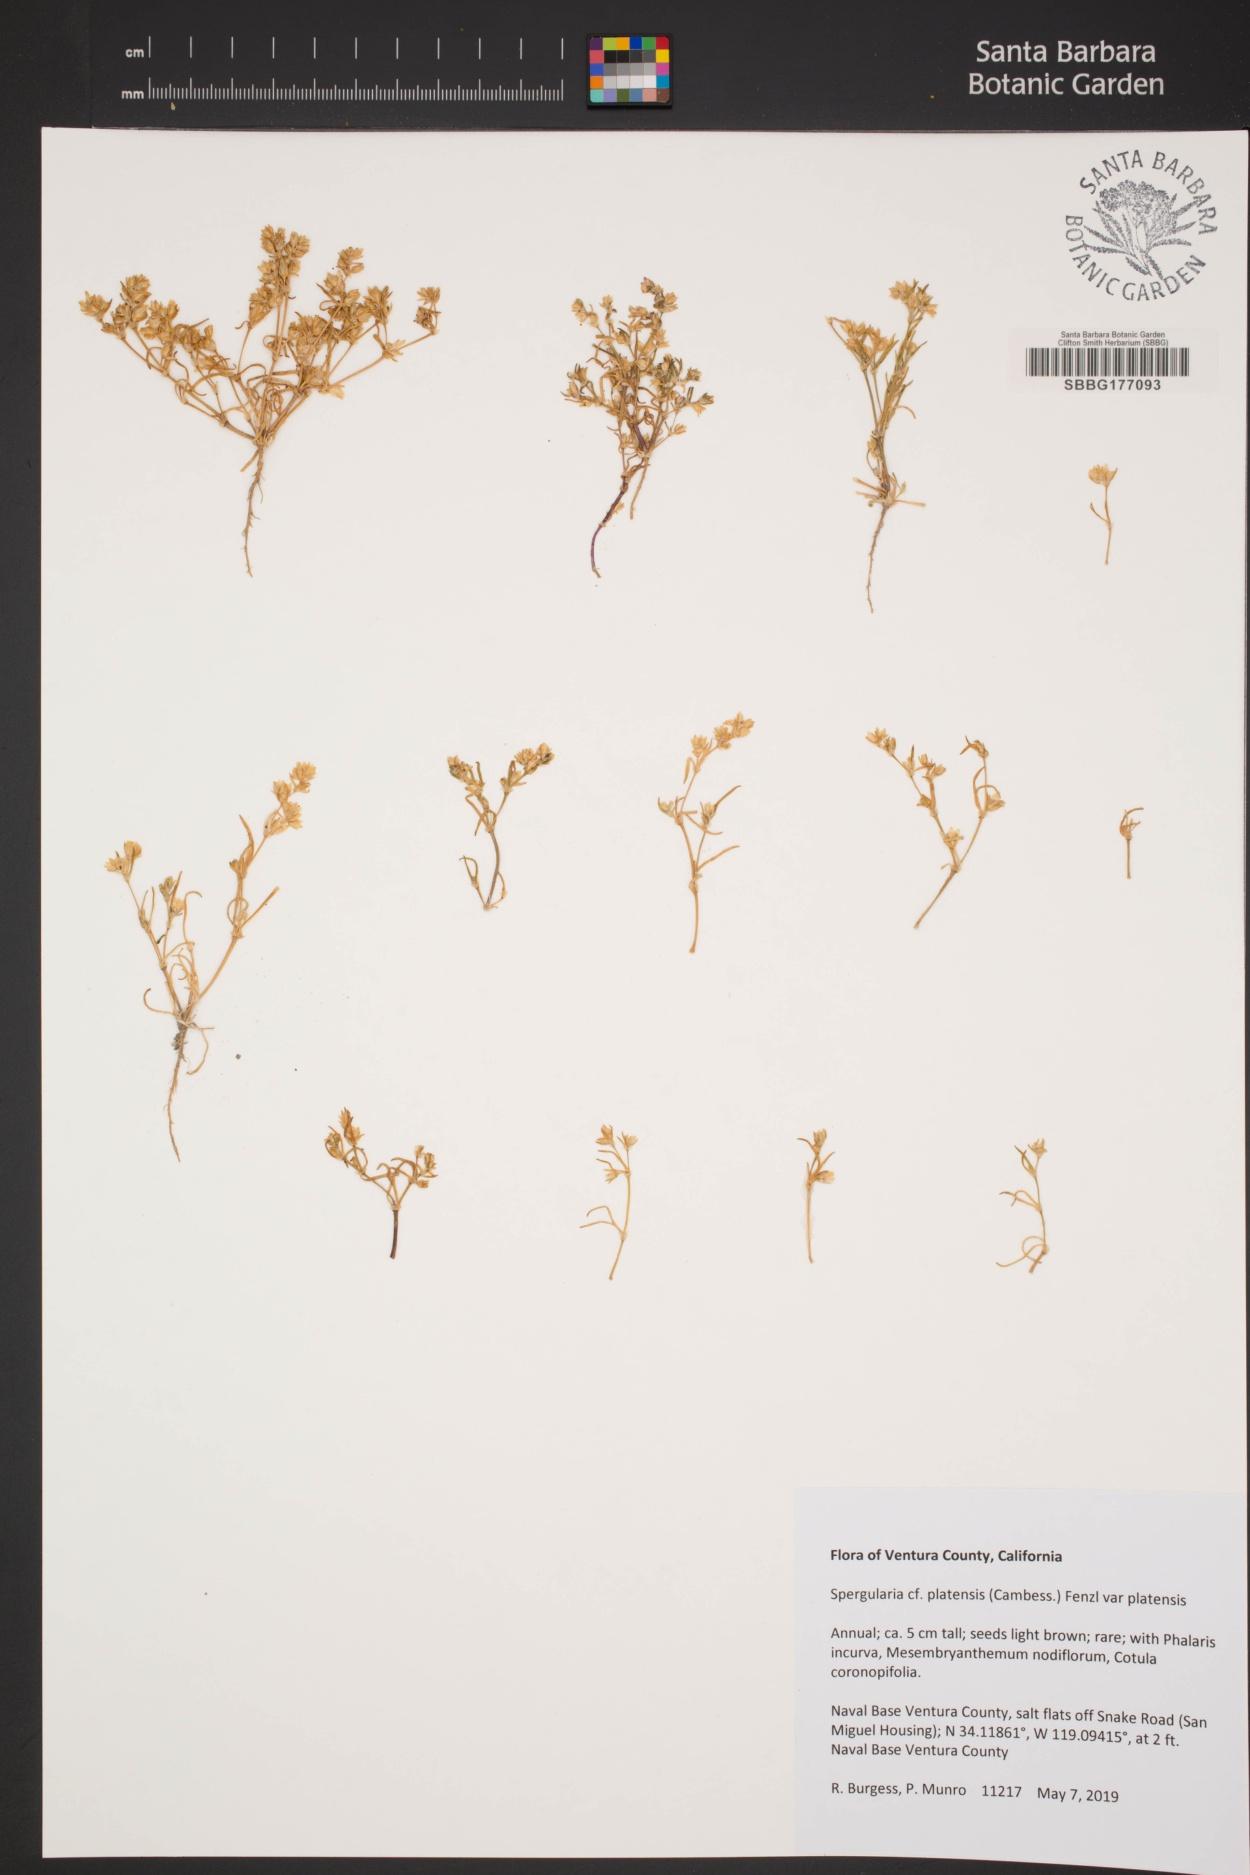 Spergularia platensis var. platensis image